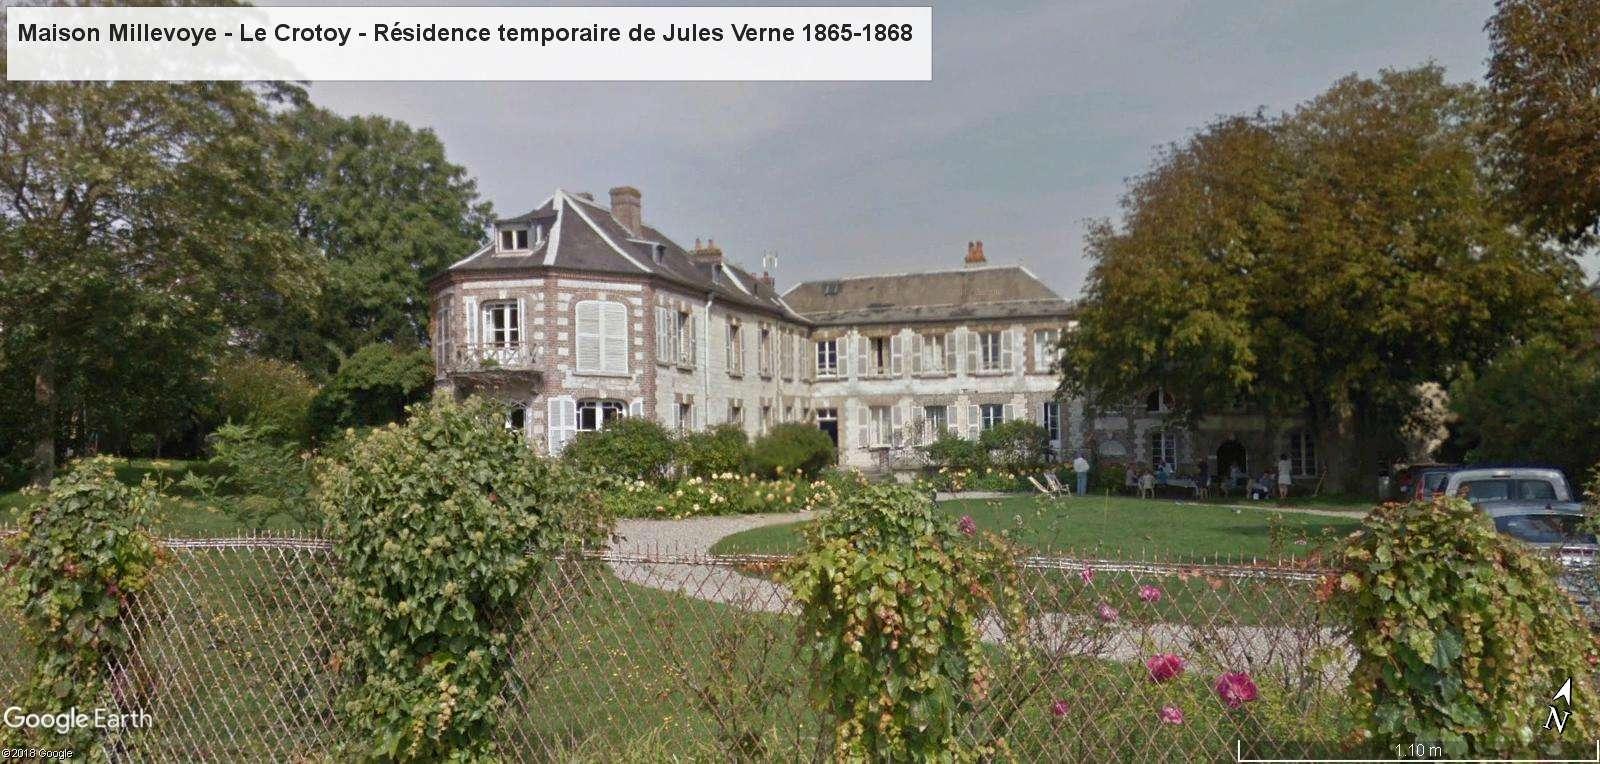 TOUR DE FRANCE VIRTUEL - Page 20 Millvo10